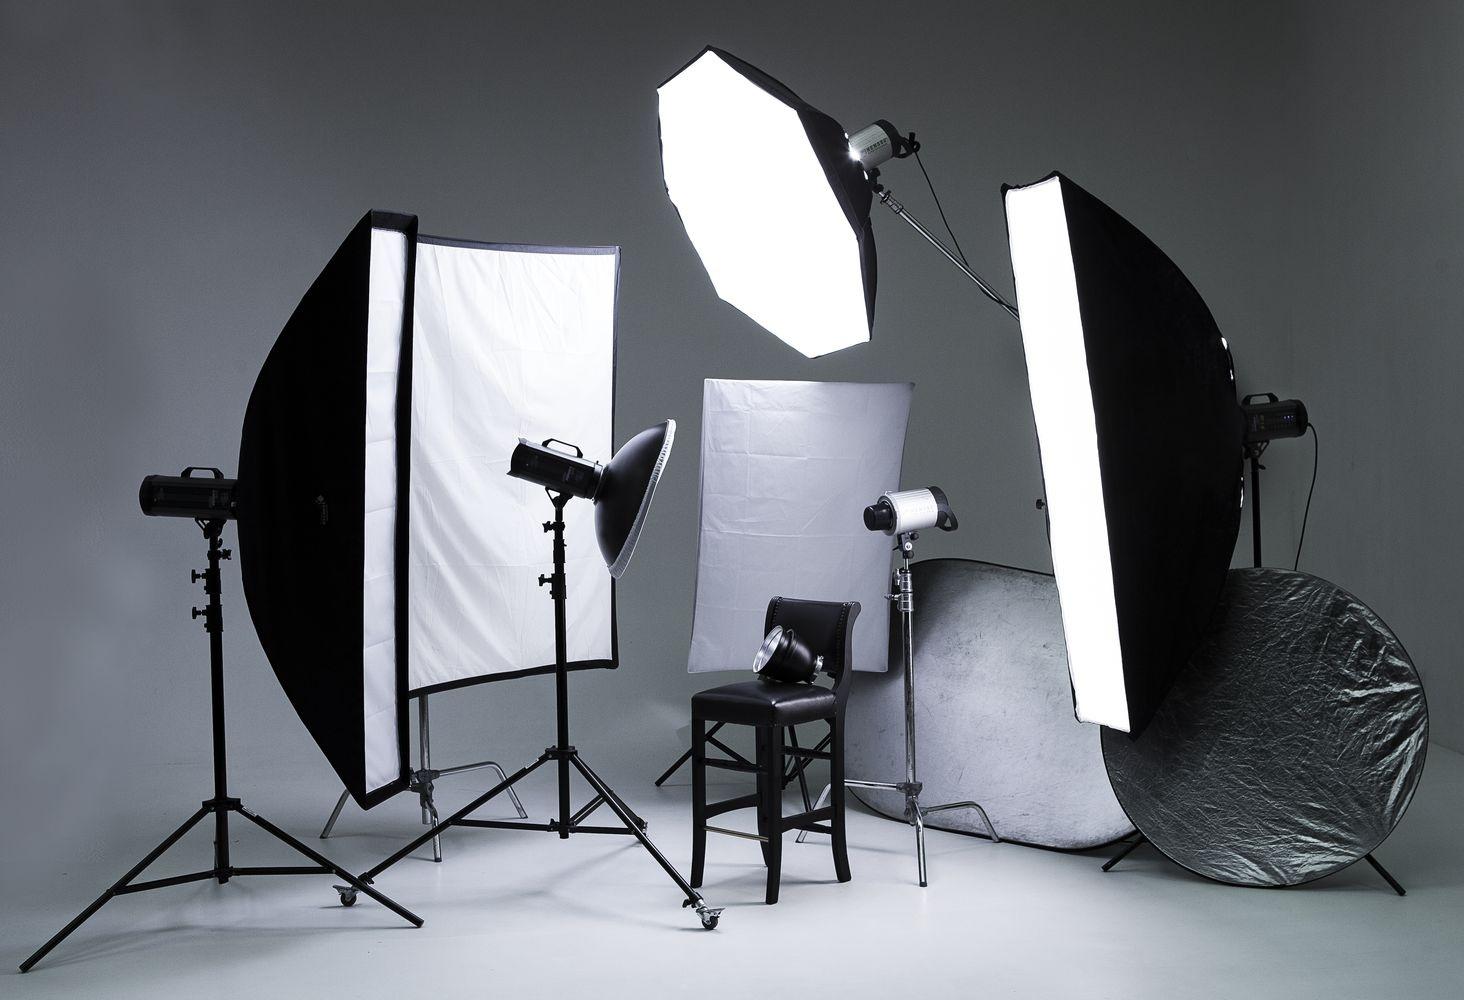 профессиональный фотограф фотостудия самые Фотография фотограф съемка оборудование